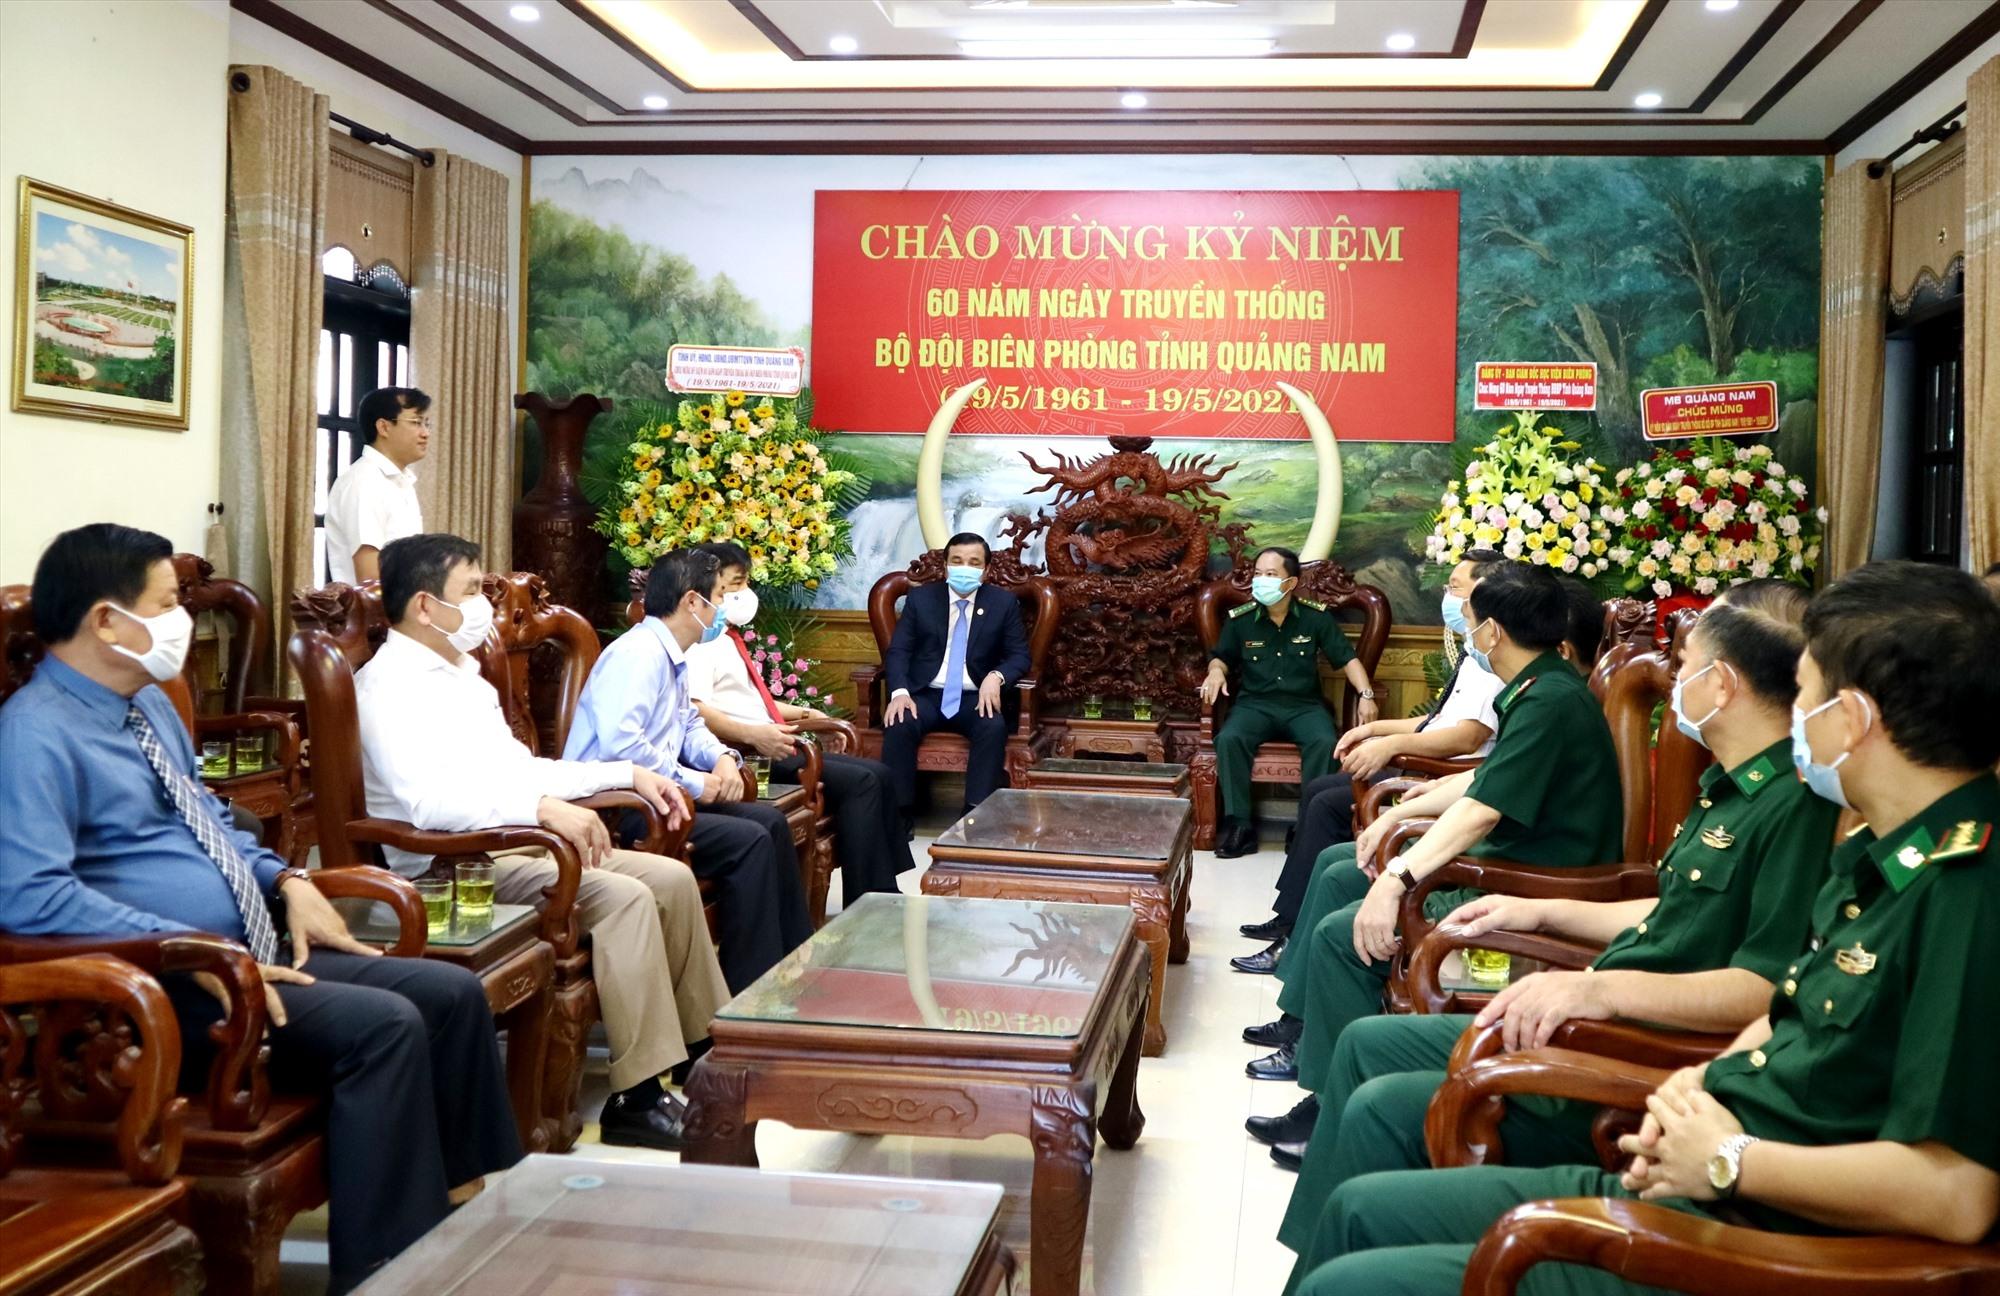 Các đồng chí lãnh đạo tỉnh đến thăm, chúc mừng BĐBP Quảng Nam nhân kỷ niệm 60 Ngày truyền thống đơn vị vào sáng nay 19.5. Ảnh: A.N